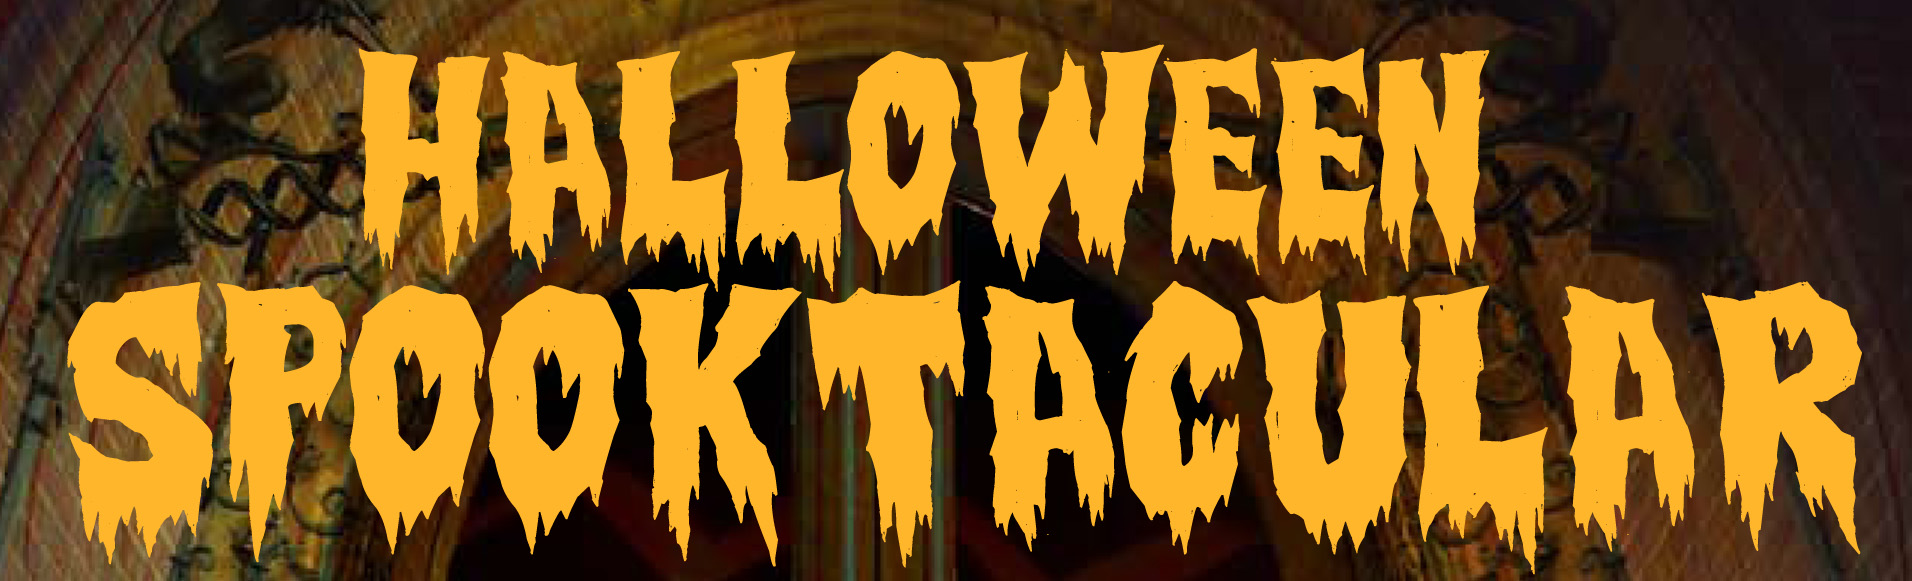 Halloween Spooktacular San Antonio TX